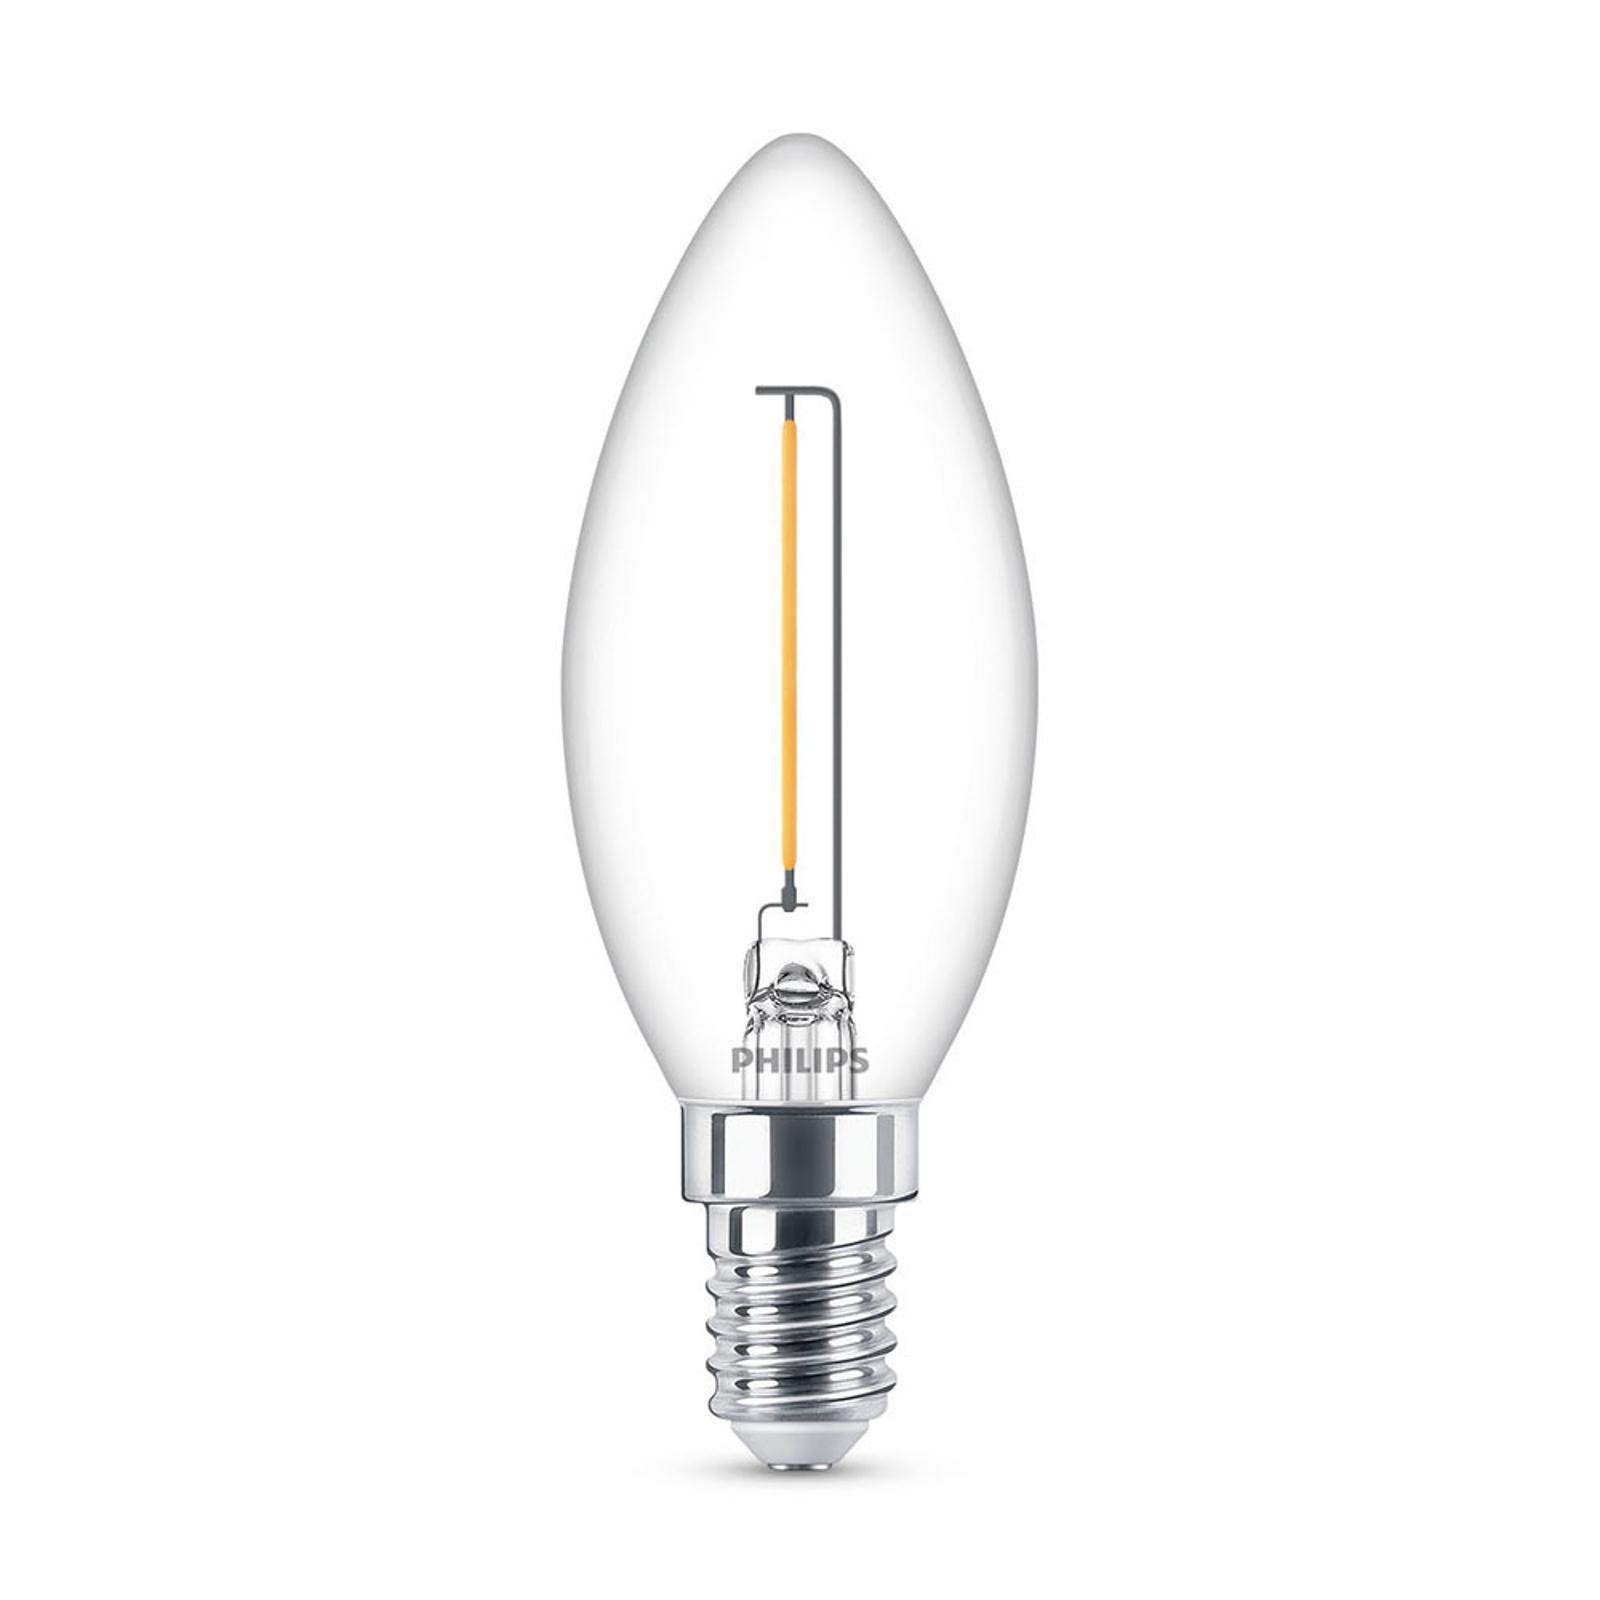 Philips LED-kertepære E14 B35 1,4W klar